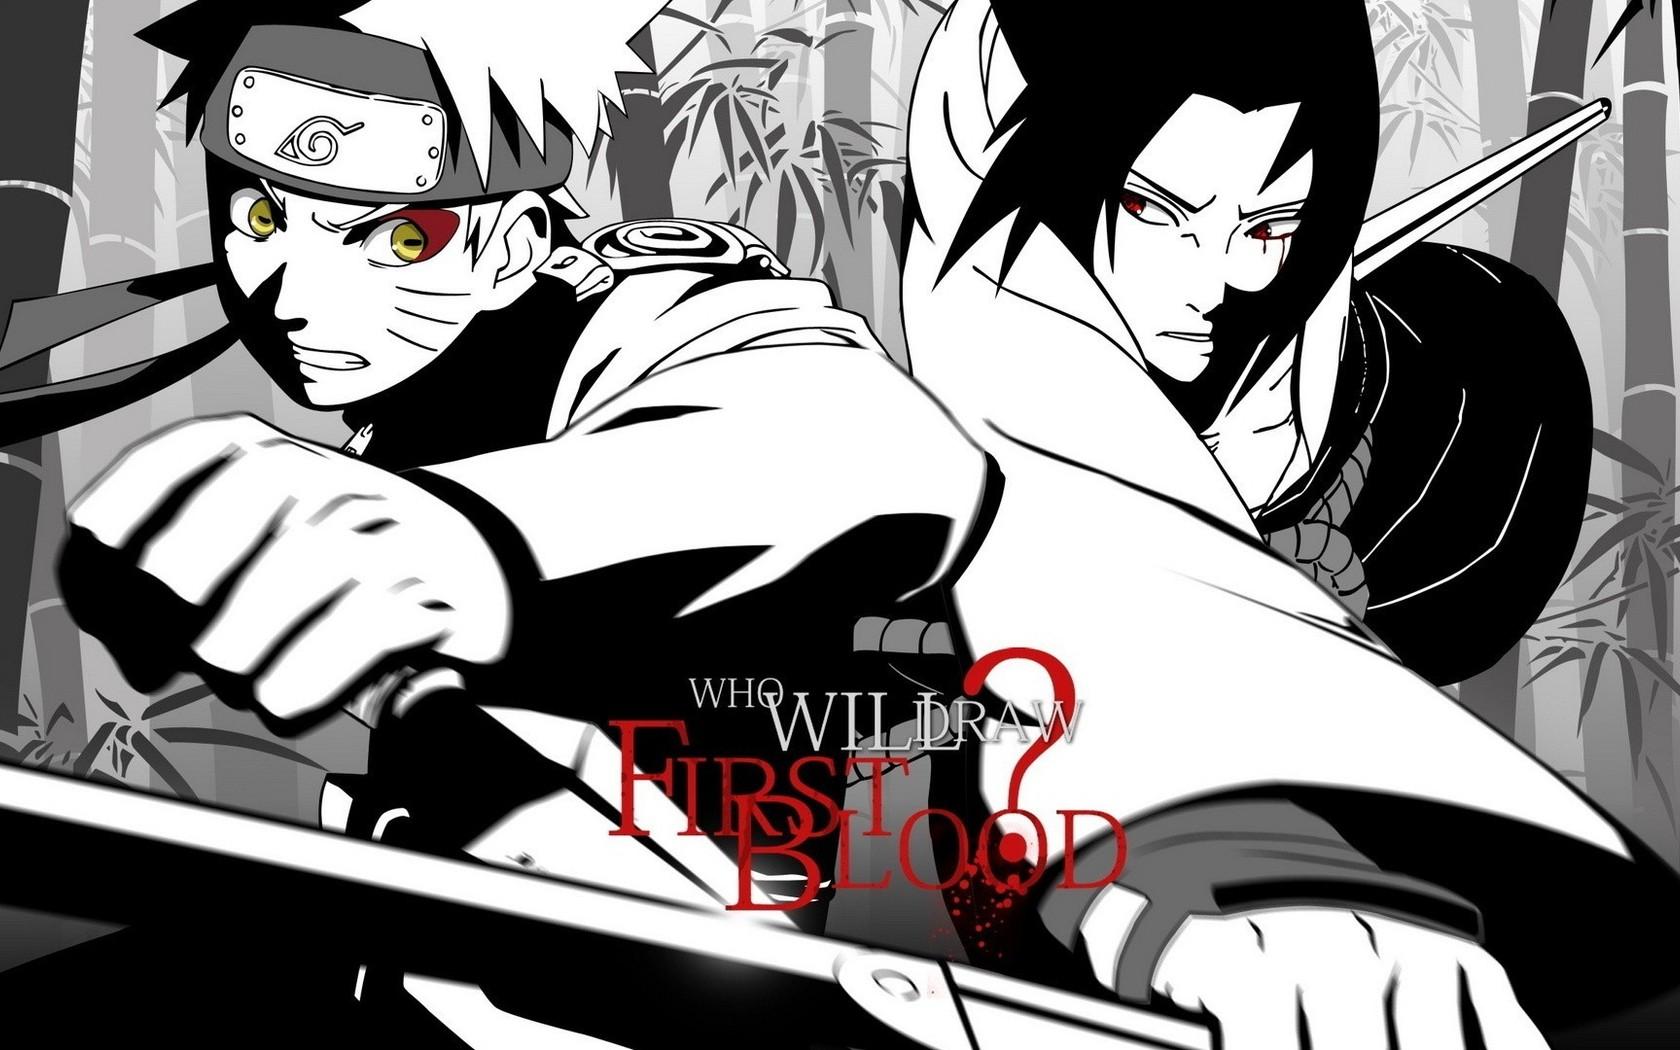 Sasuke - Naruto Shippuden Wallpaper Sasuke And Naruto - HD Wallpaper